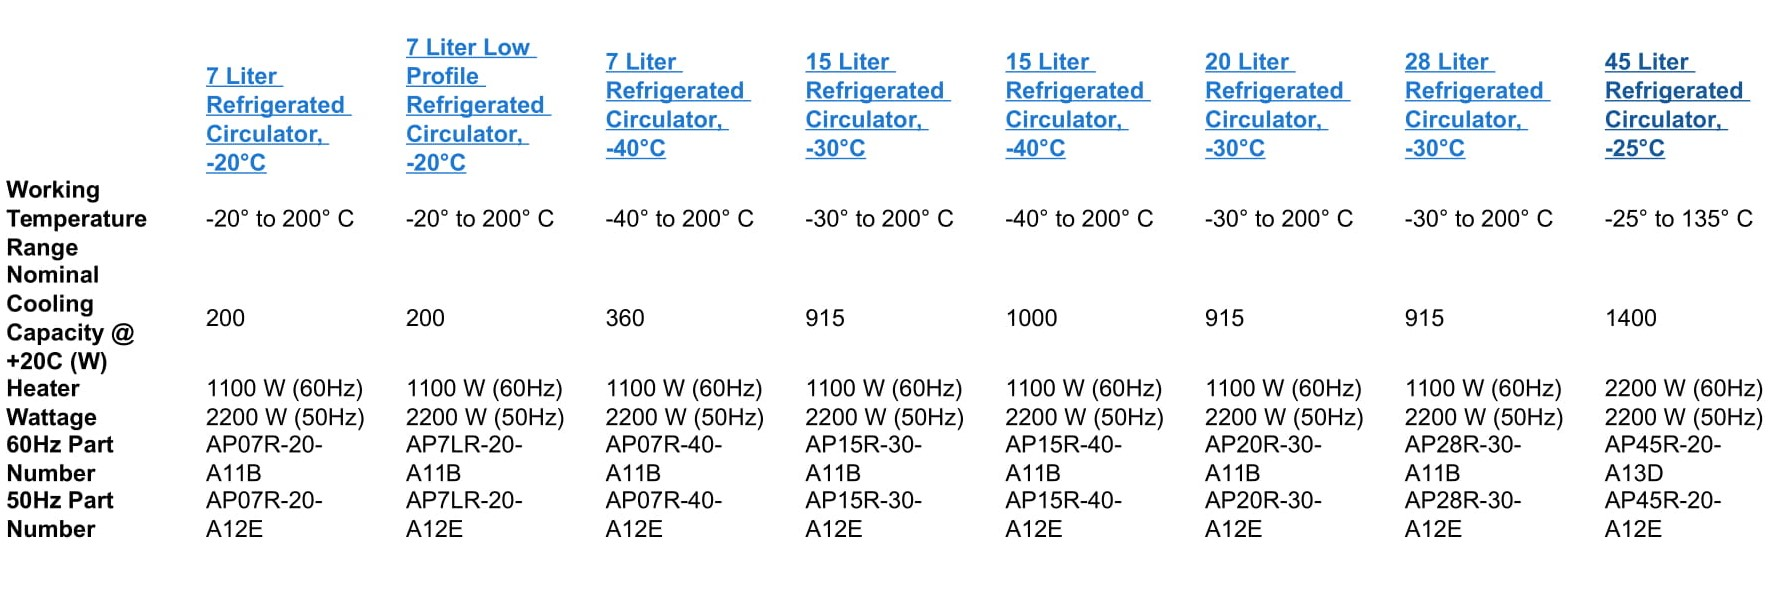 bể điều nhiệt lạnh - thông tin đặt hàng